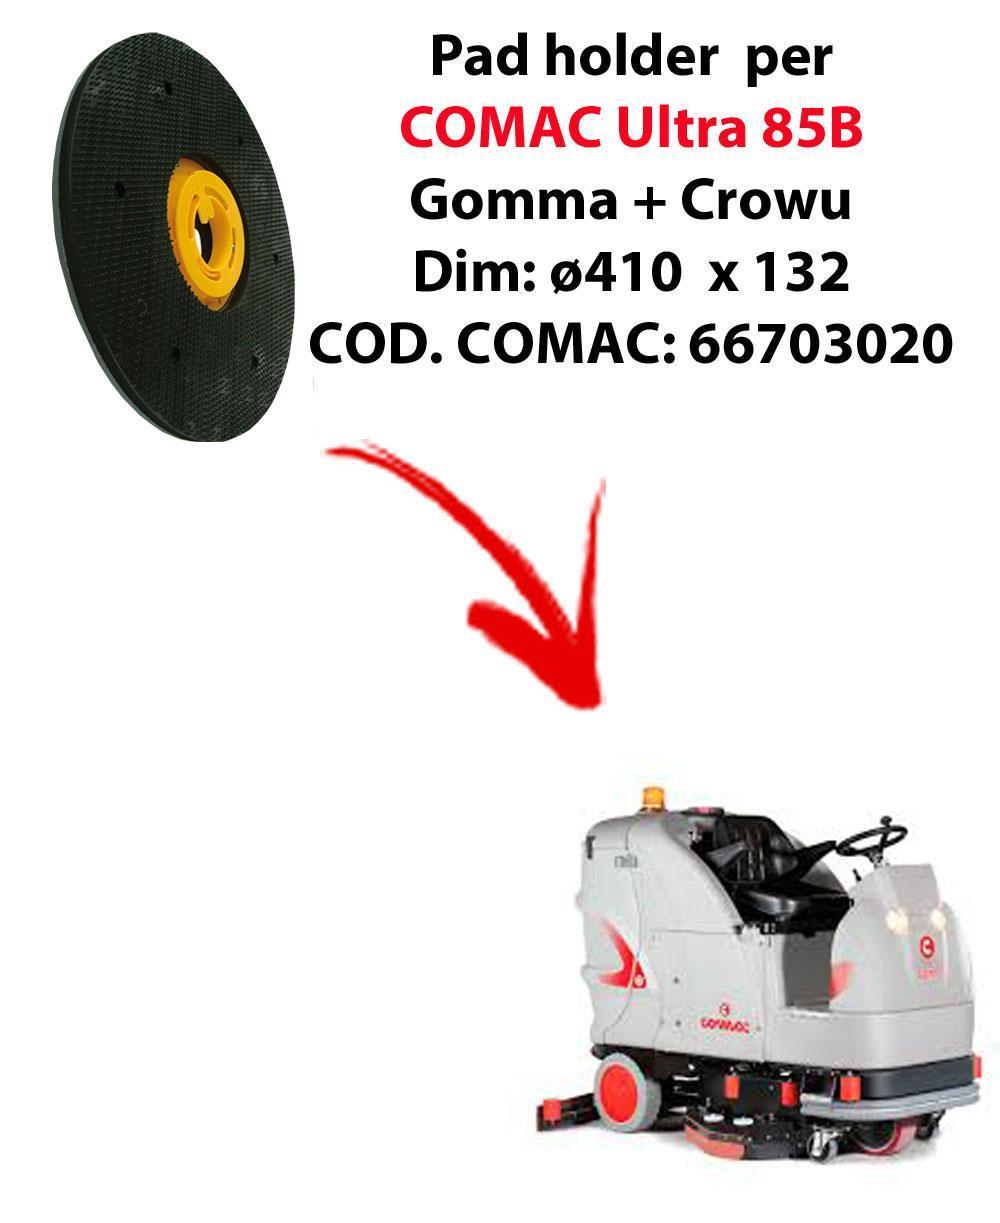 Discos de arrastre ( pad holder) para fregadora COMAC Ultra 85B.